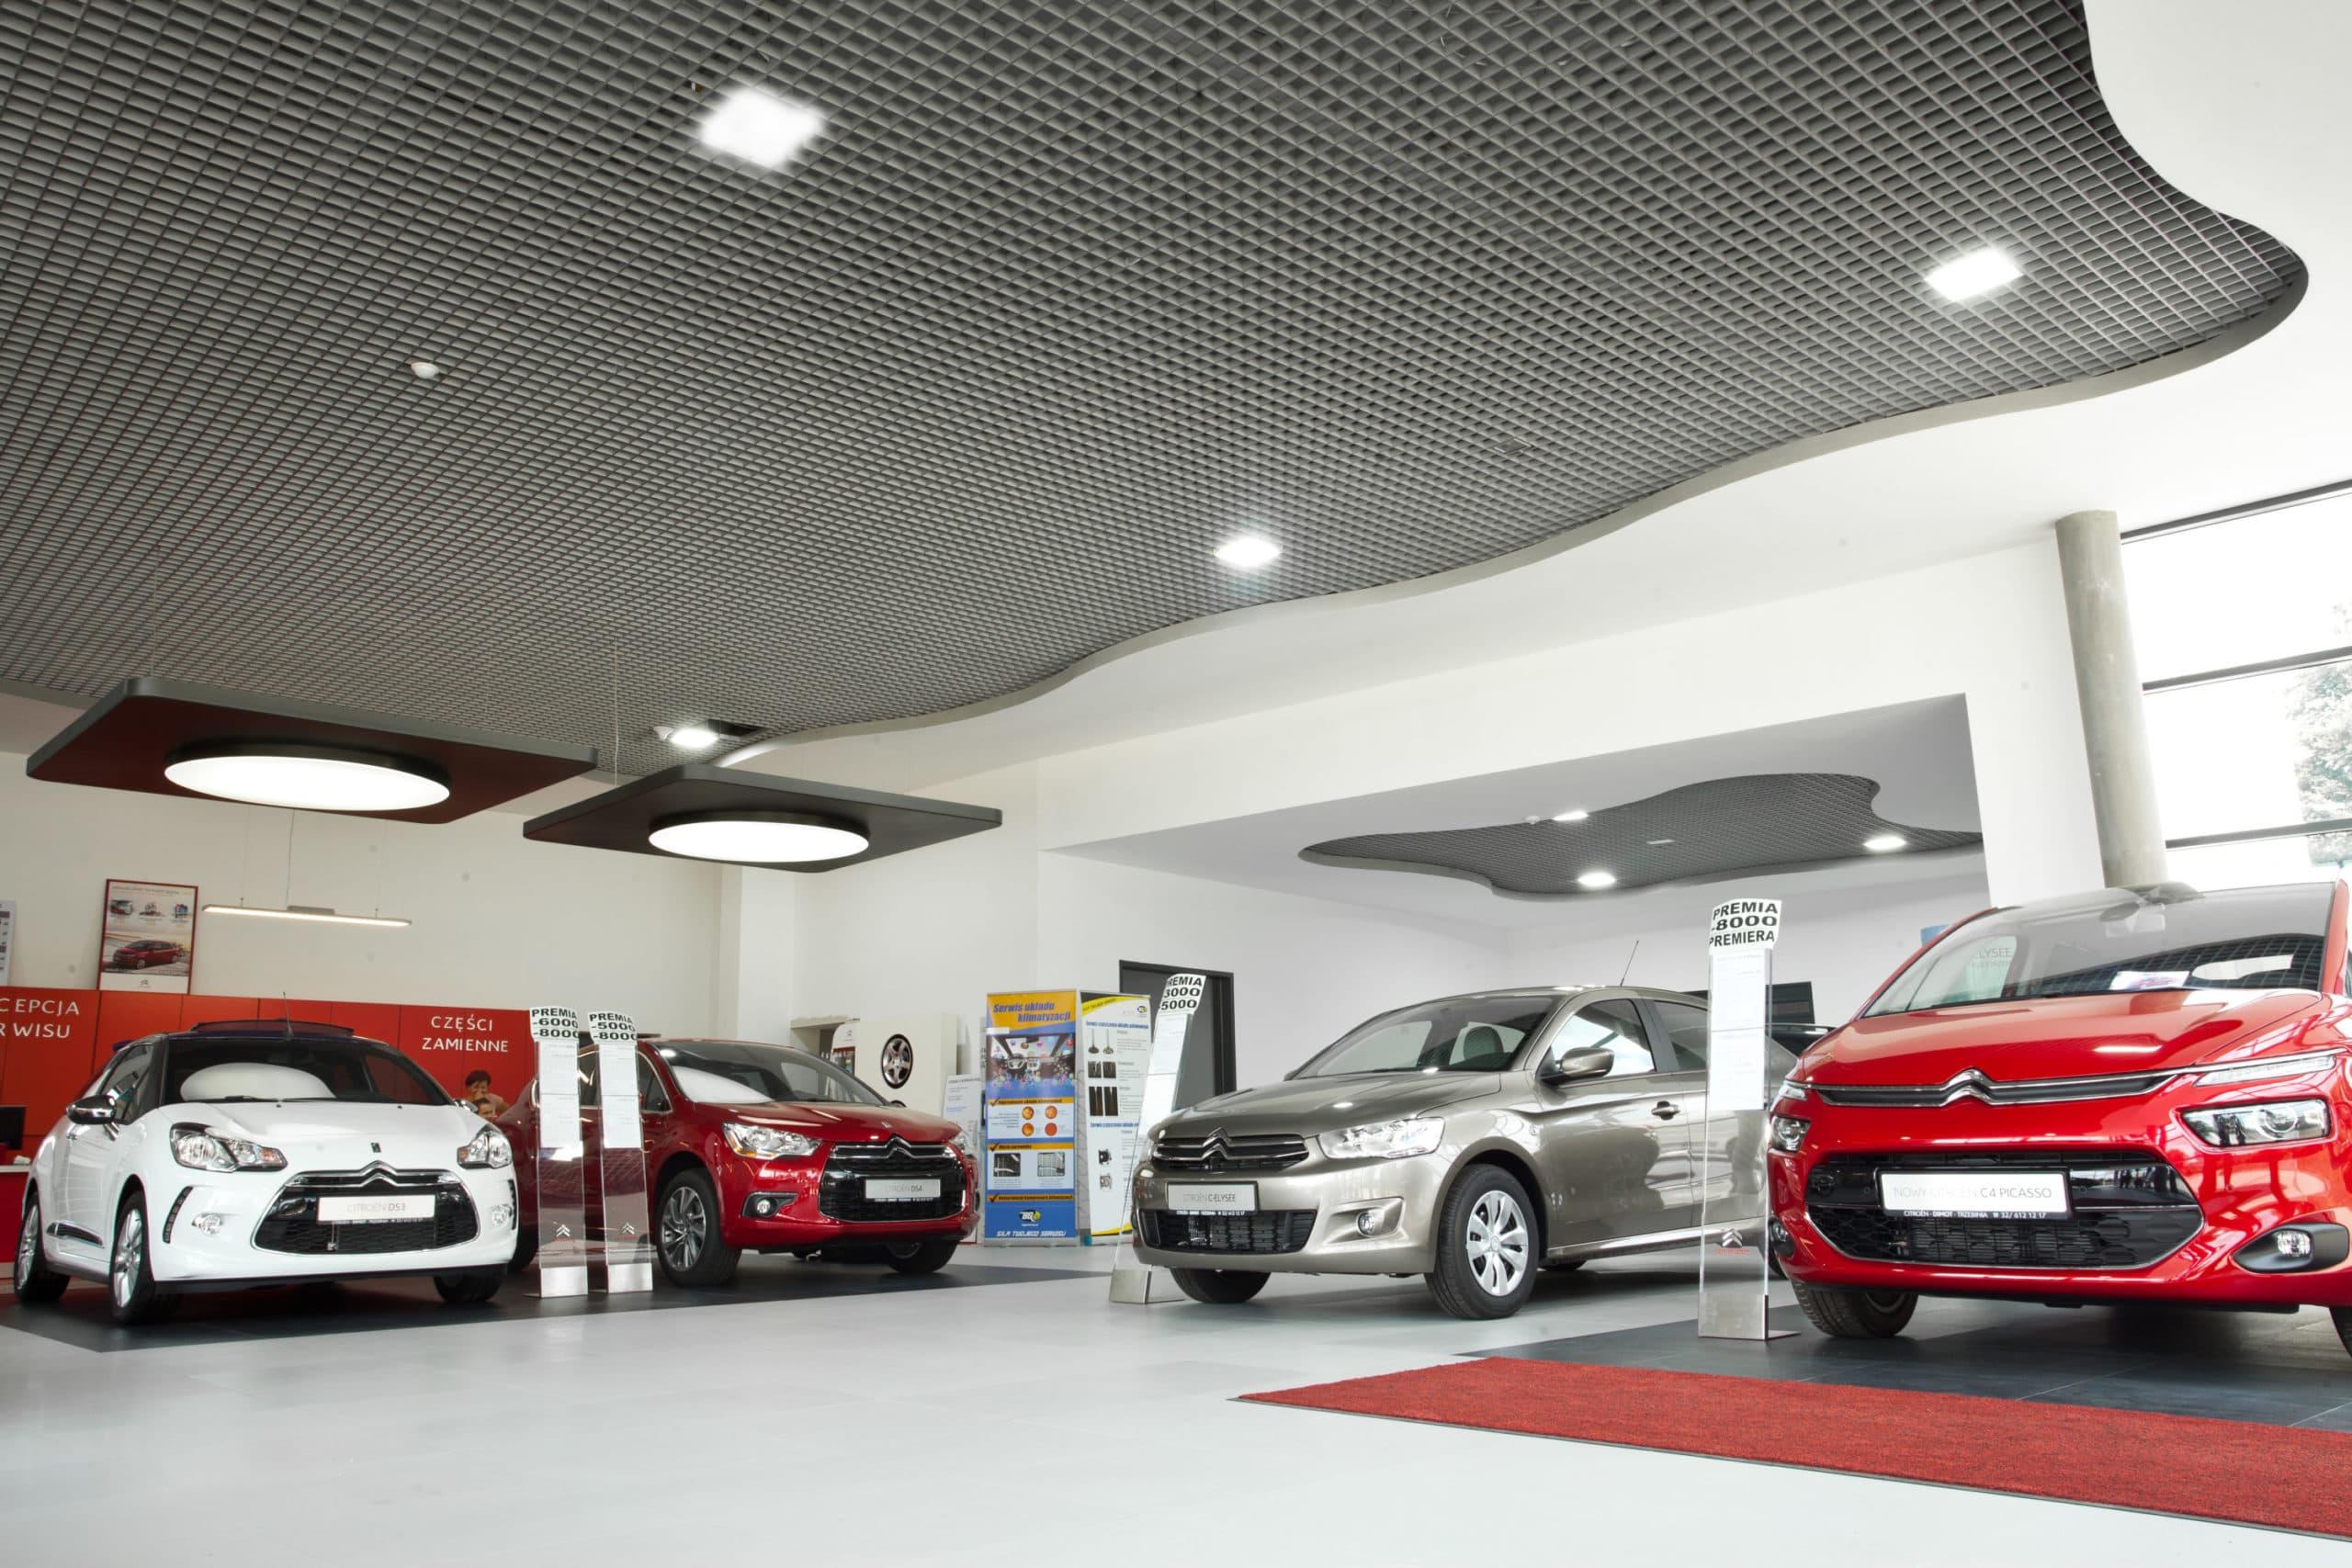 Nowoczesne oświetlenie salonu samochodowego